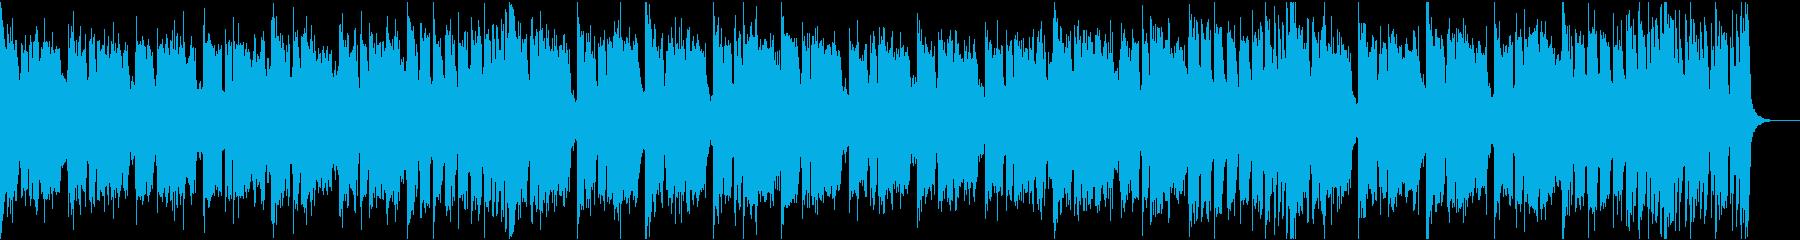 39秒でサビ、琴、電子音ダーク/静かめの再生済みの波形